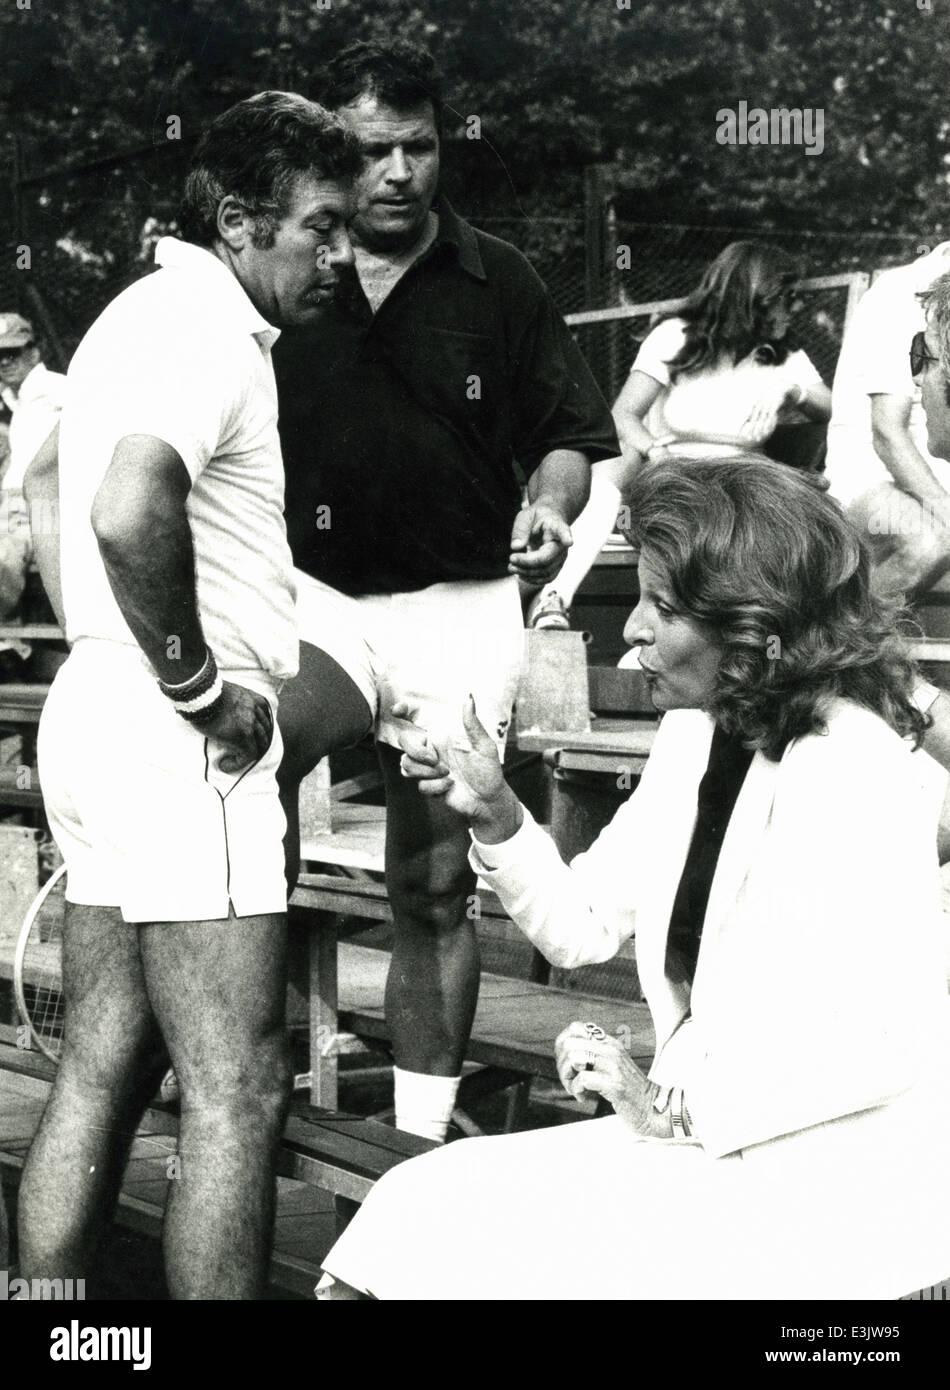 nicola pietrangeli 1978 Stock Royalty Free Image